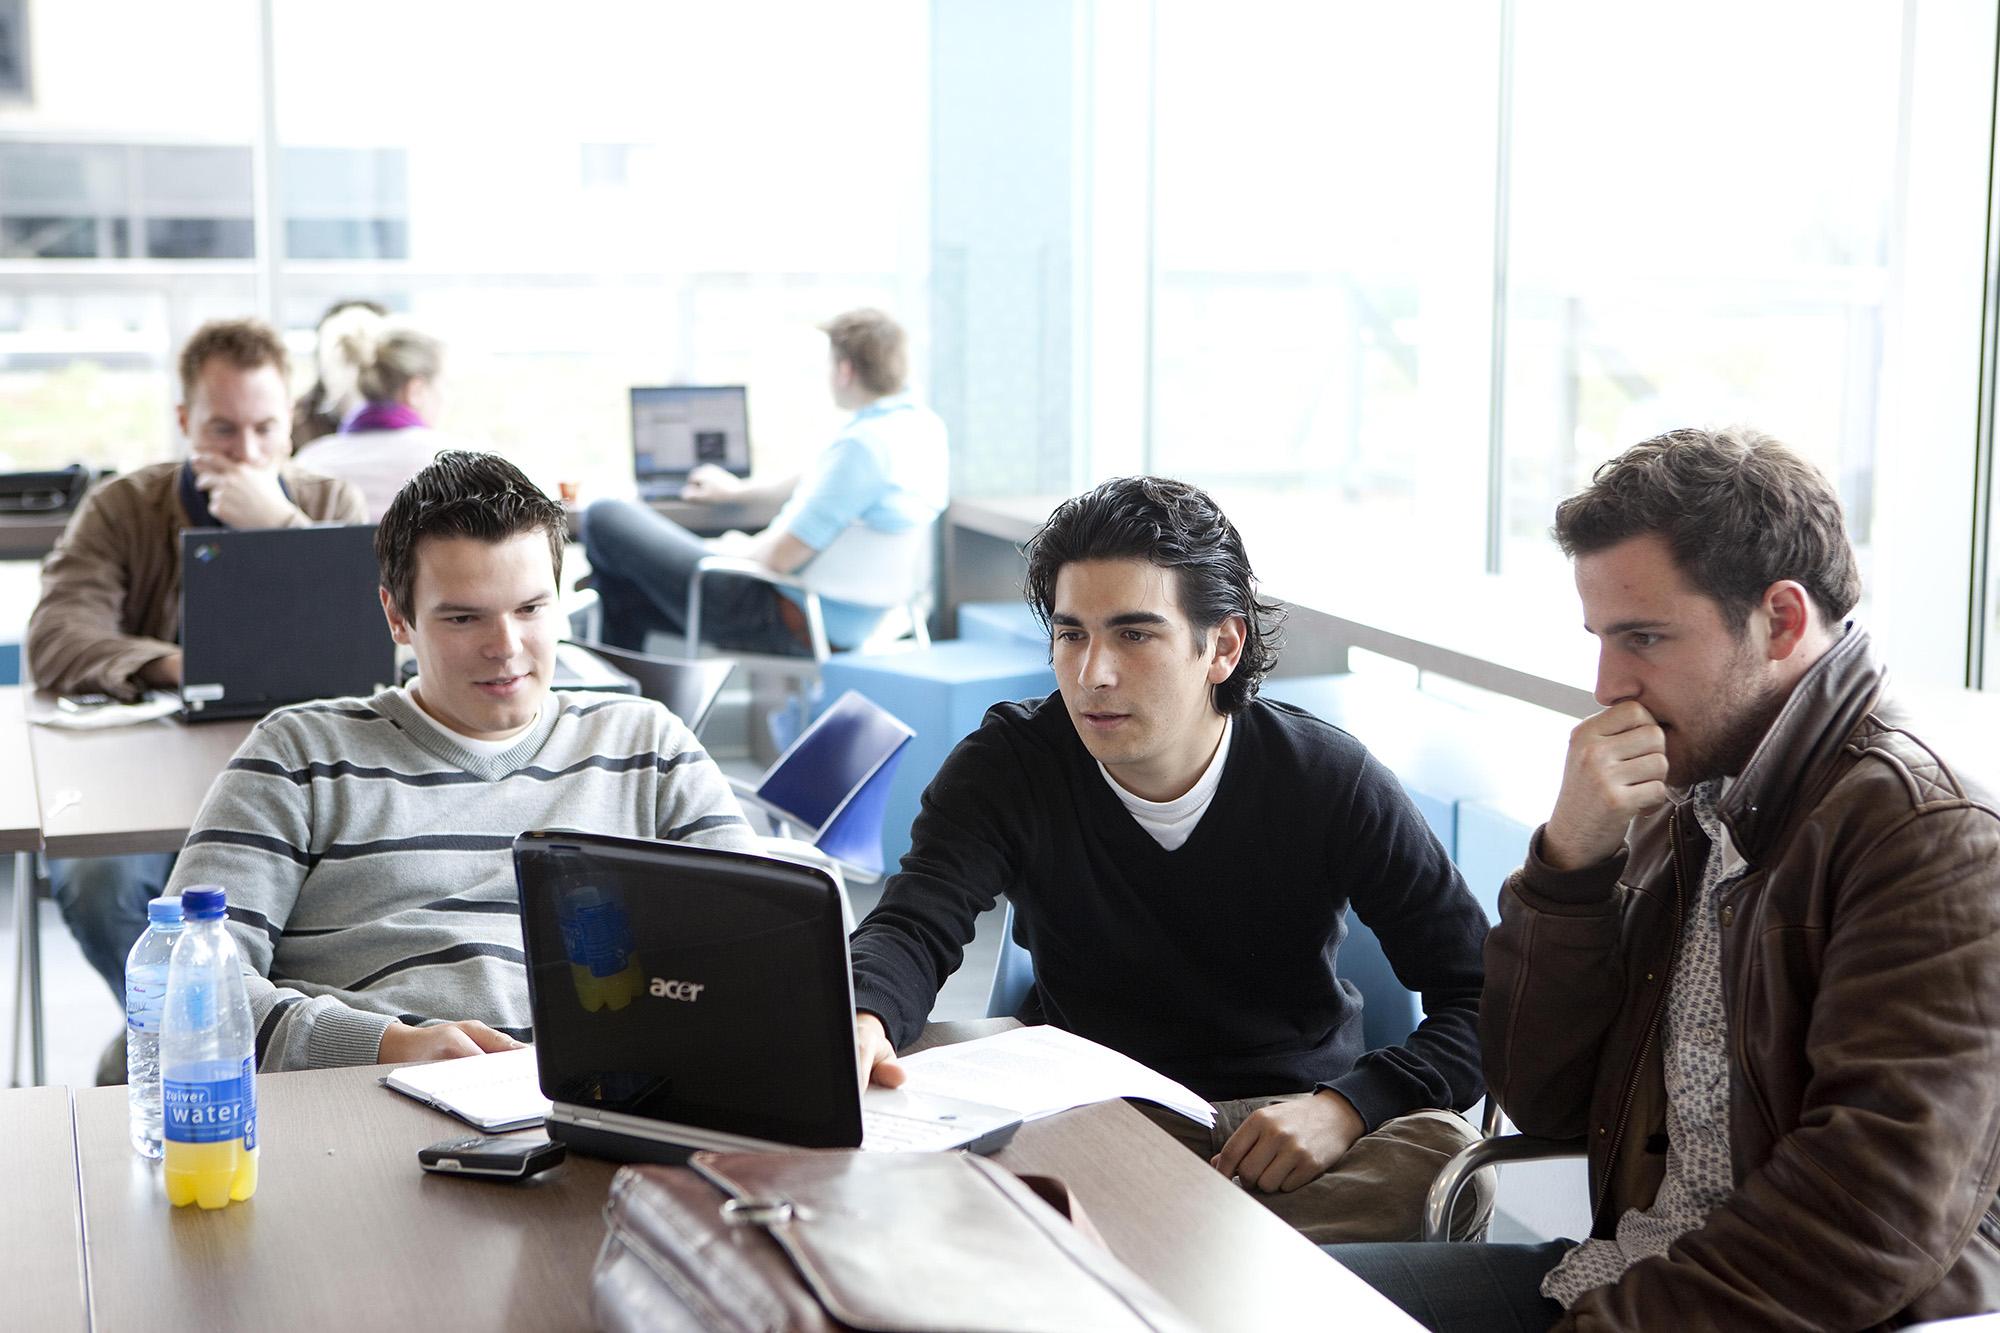 studenten werken samen campus